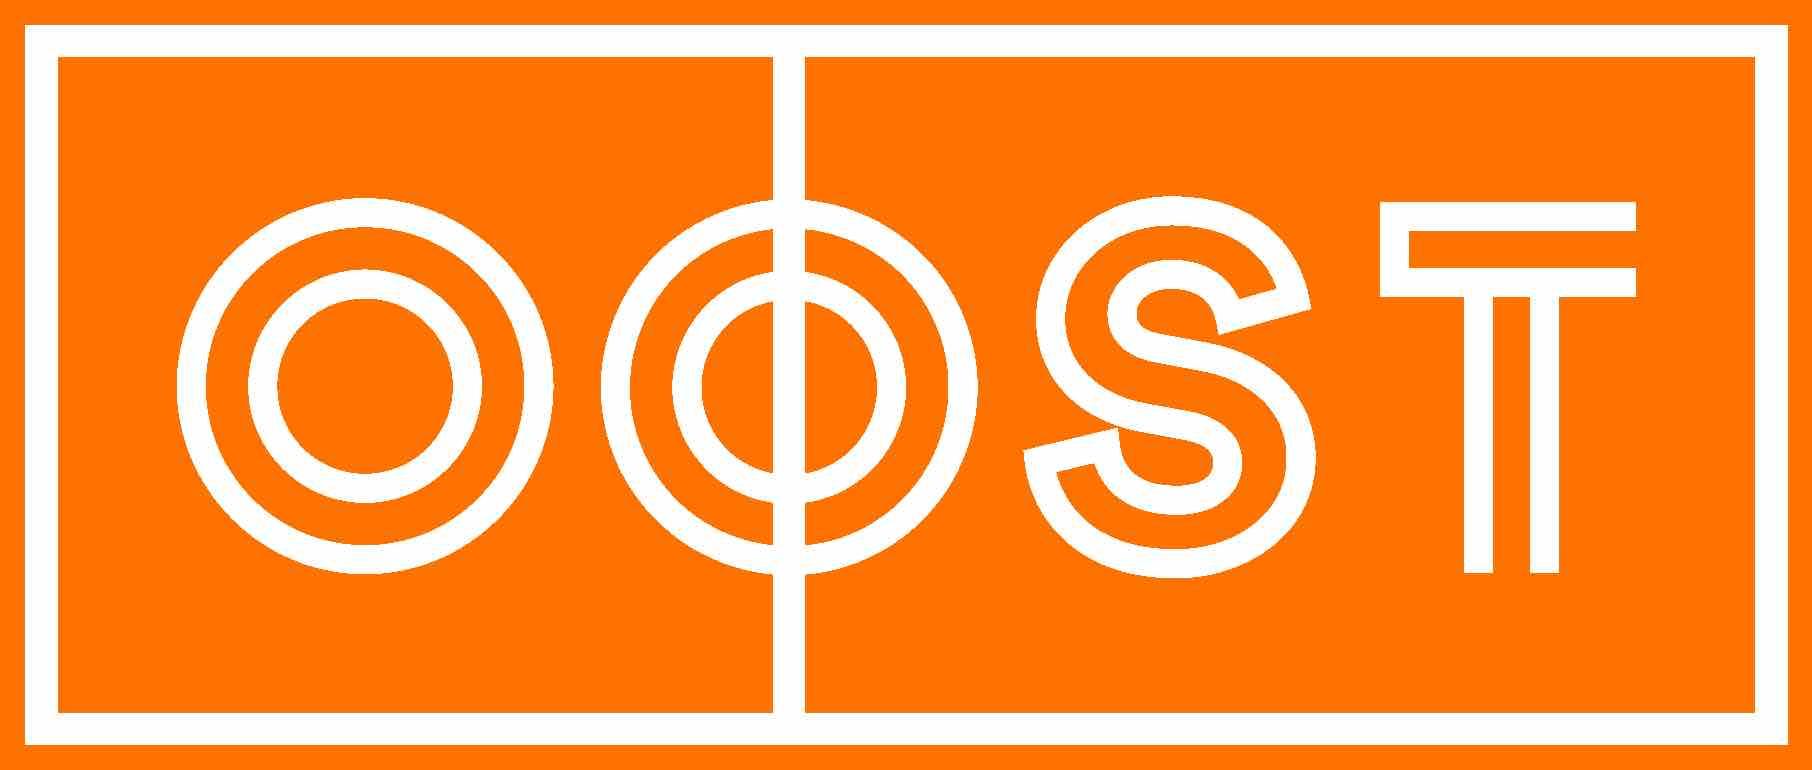 fysiotherapie utrecht logo